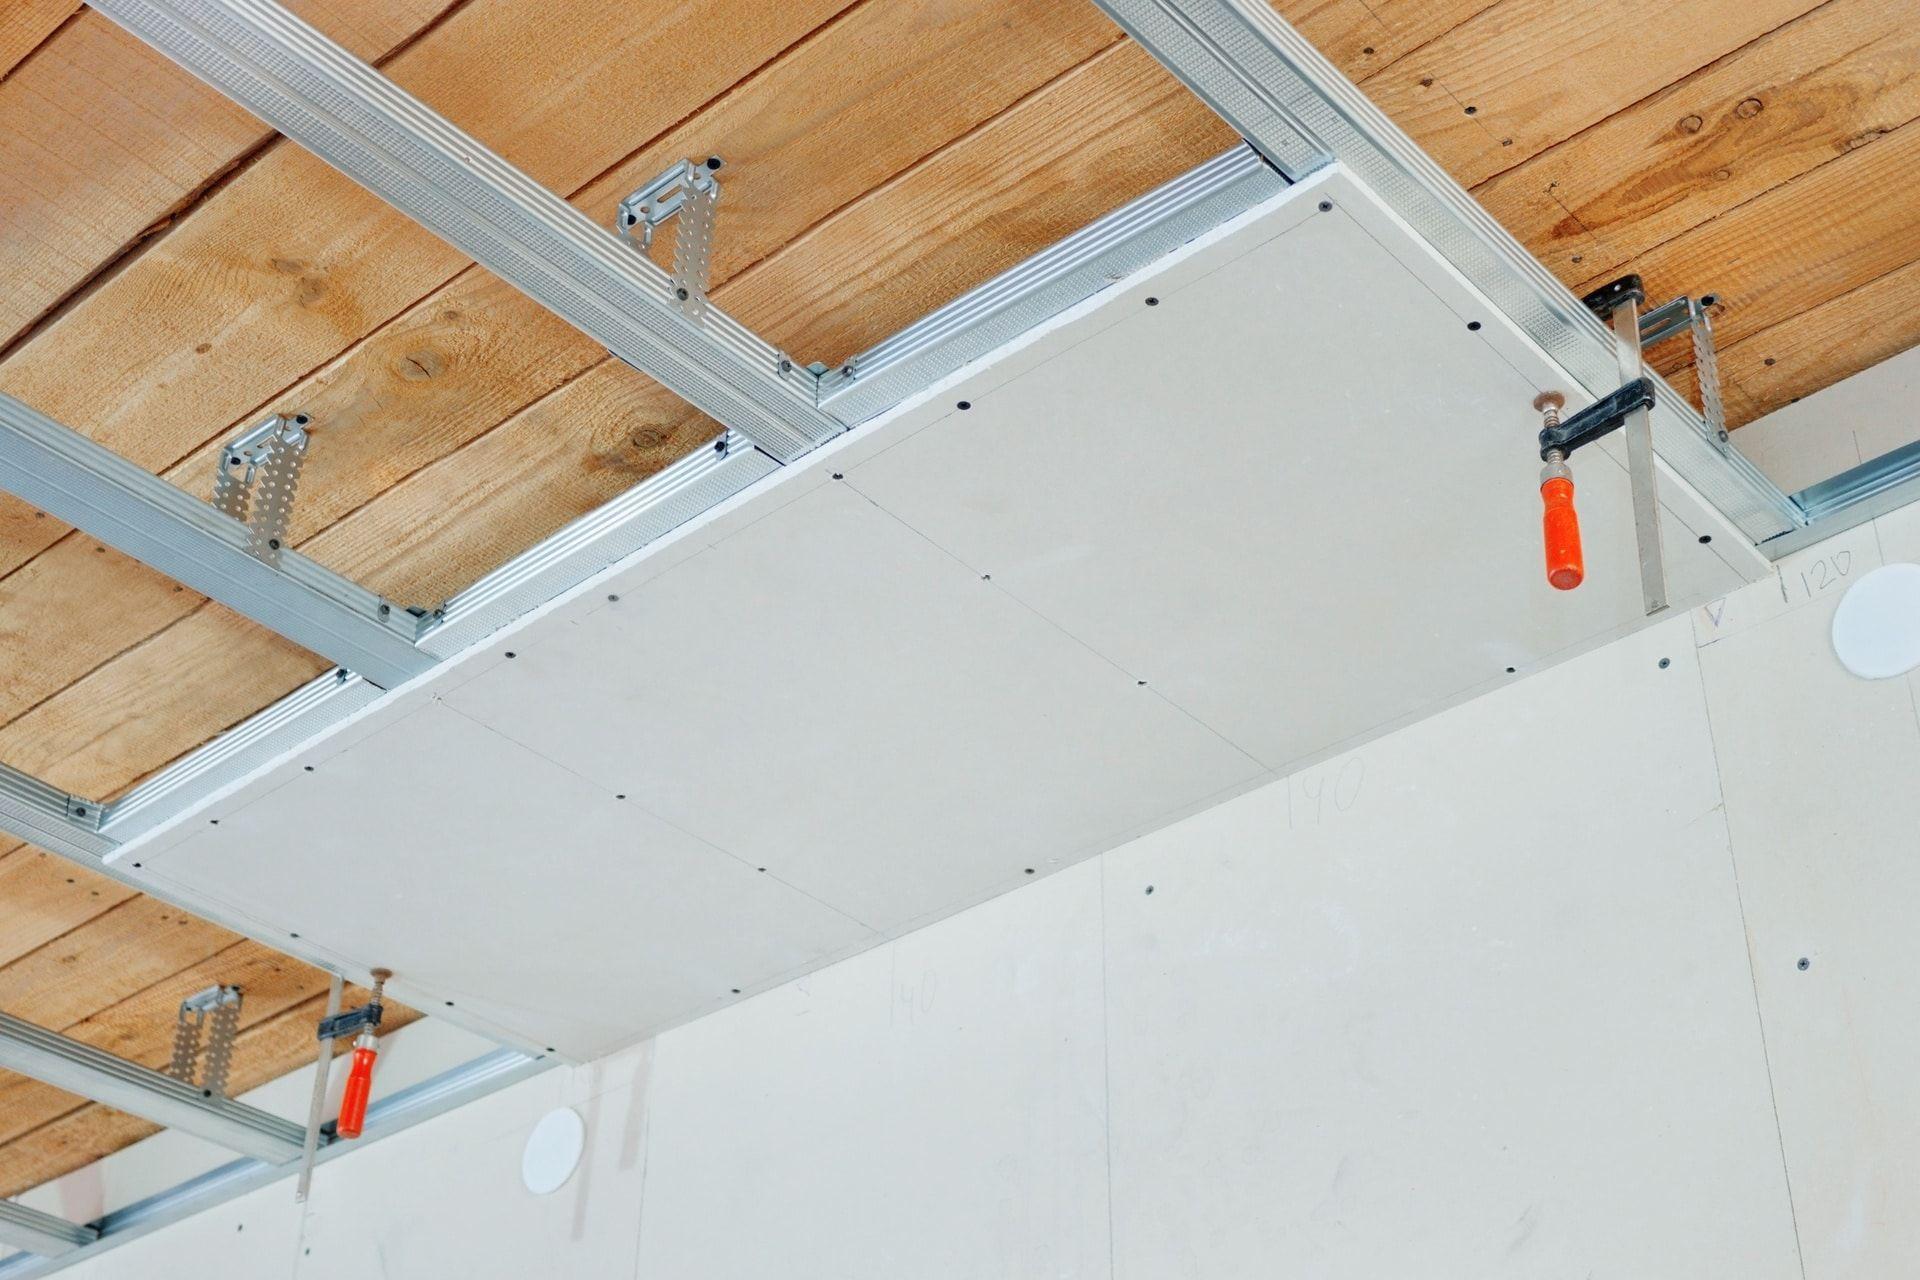 Comment Faire Un Faux Plafond Les Etapes Pour Reussir La Pose Du Ba13 Au Plafond Sans L Aide D Un Professionnel Les D Isolation Plafond Faux Plafond Plafond